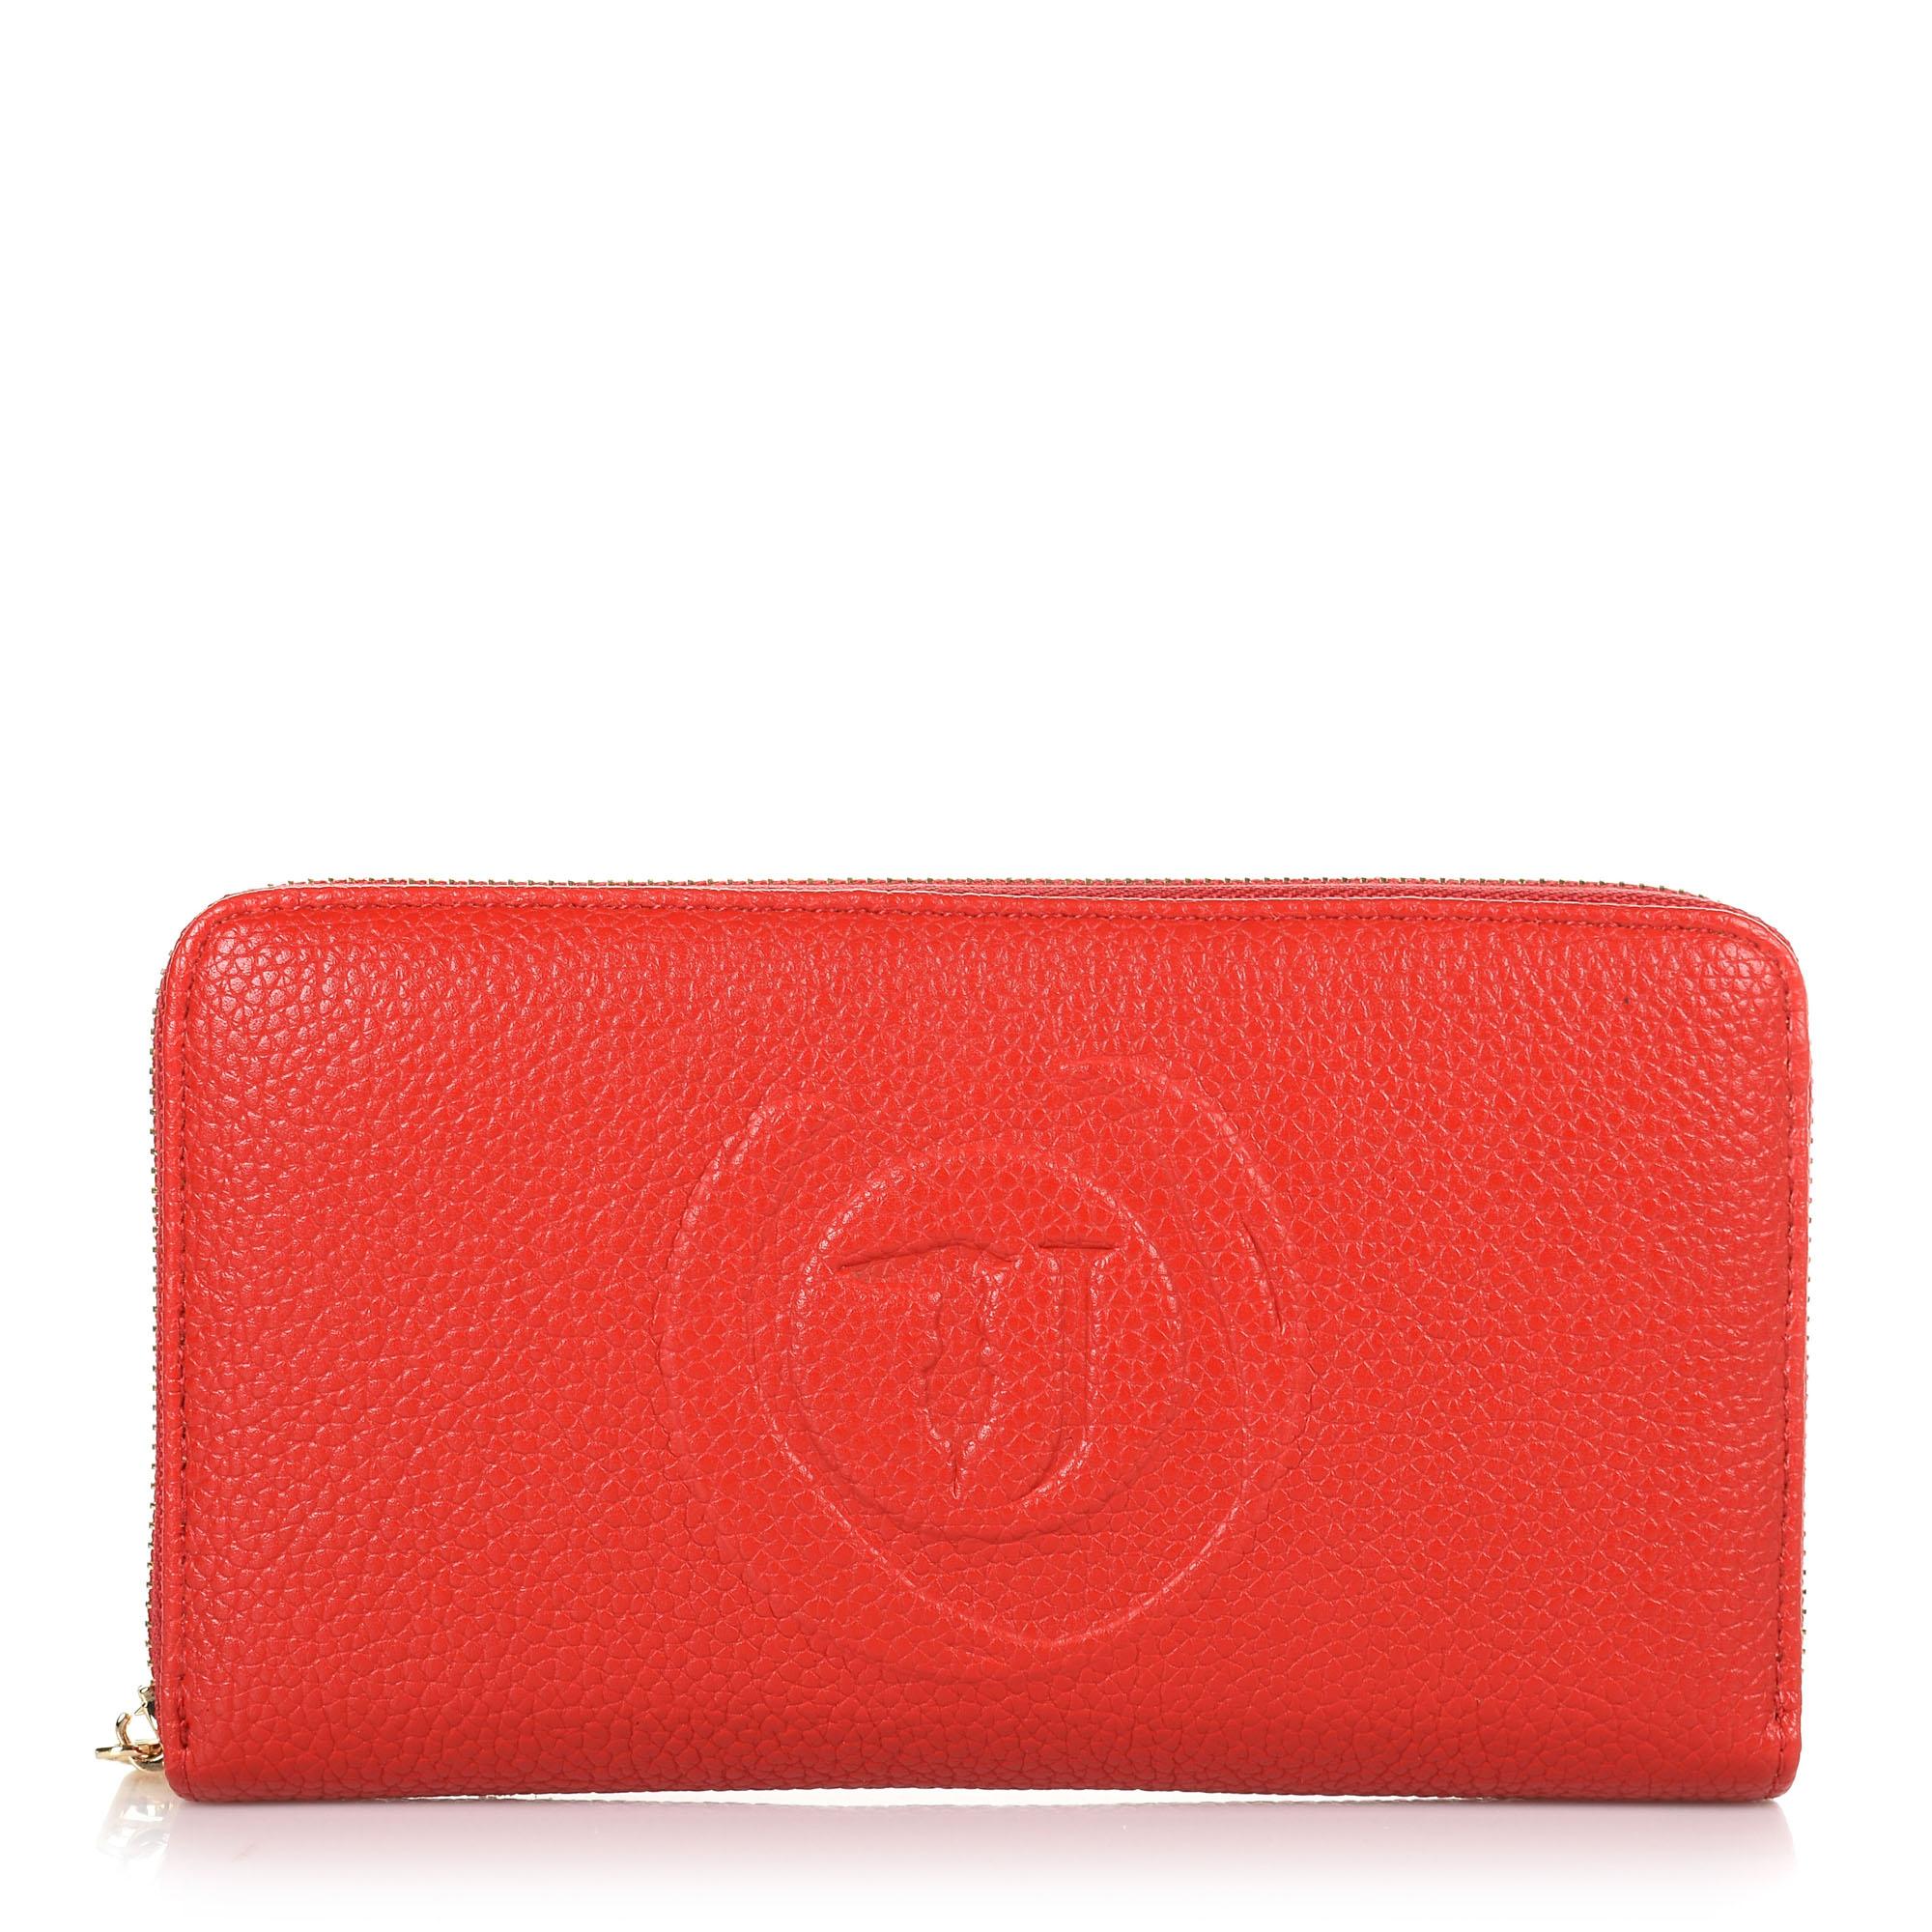 Πορτοφόλι Κασετίνα Τrussardi Jeans Faith ZIP 3Pocket LG 75W00201